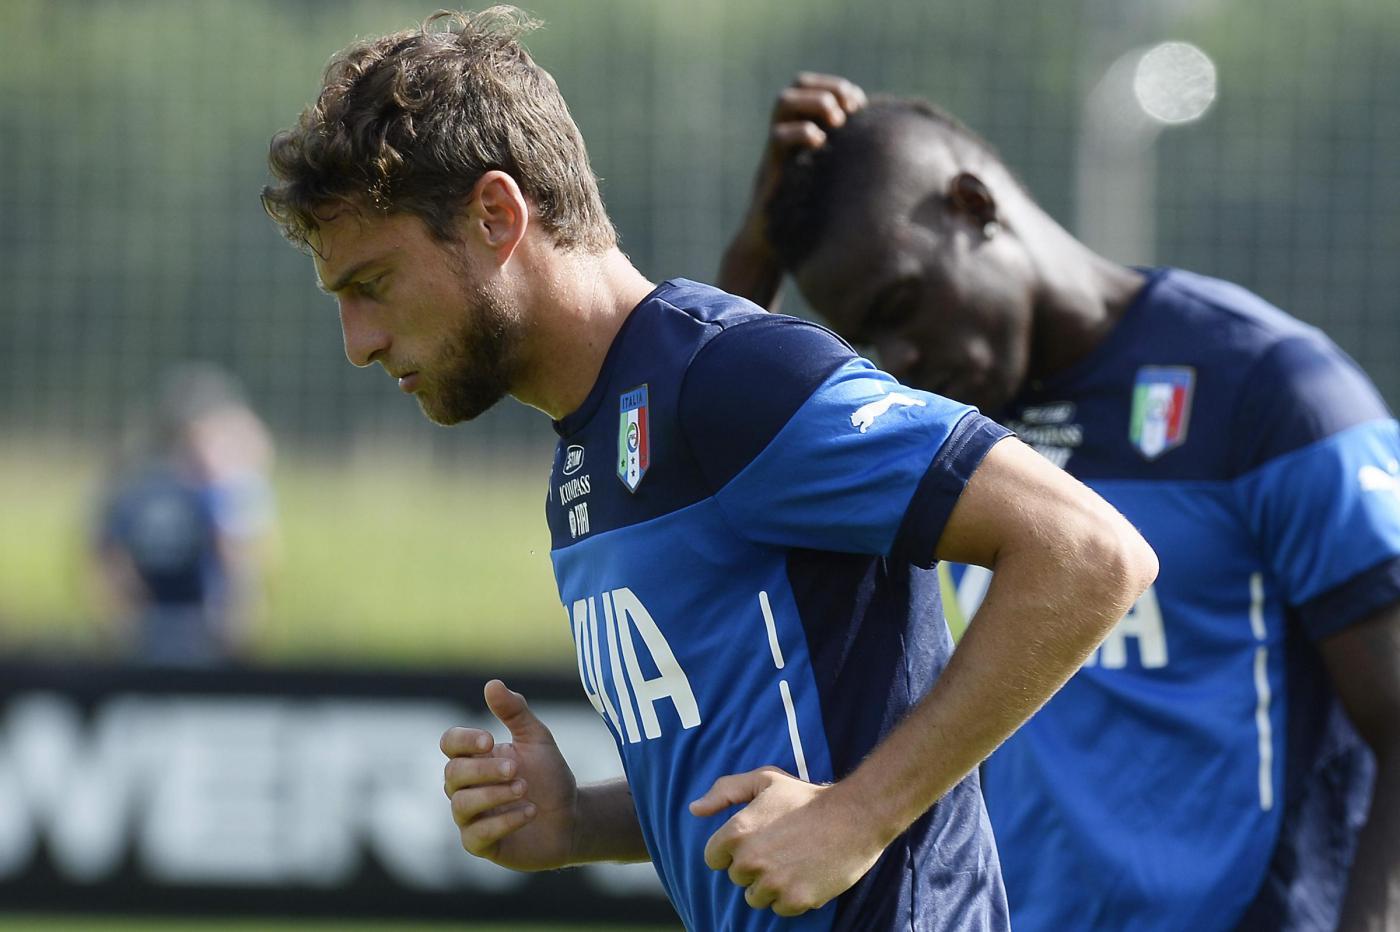 Mondiali 2014: Italia vs Costa Rica, i precedenti e le quote della sfida